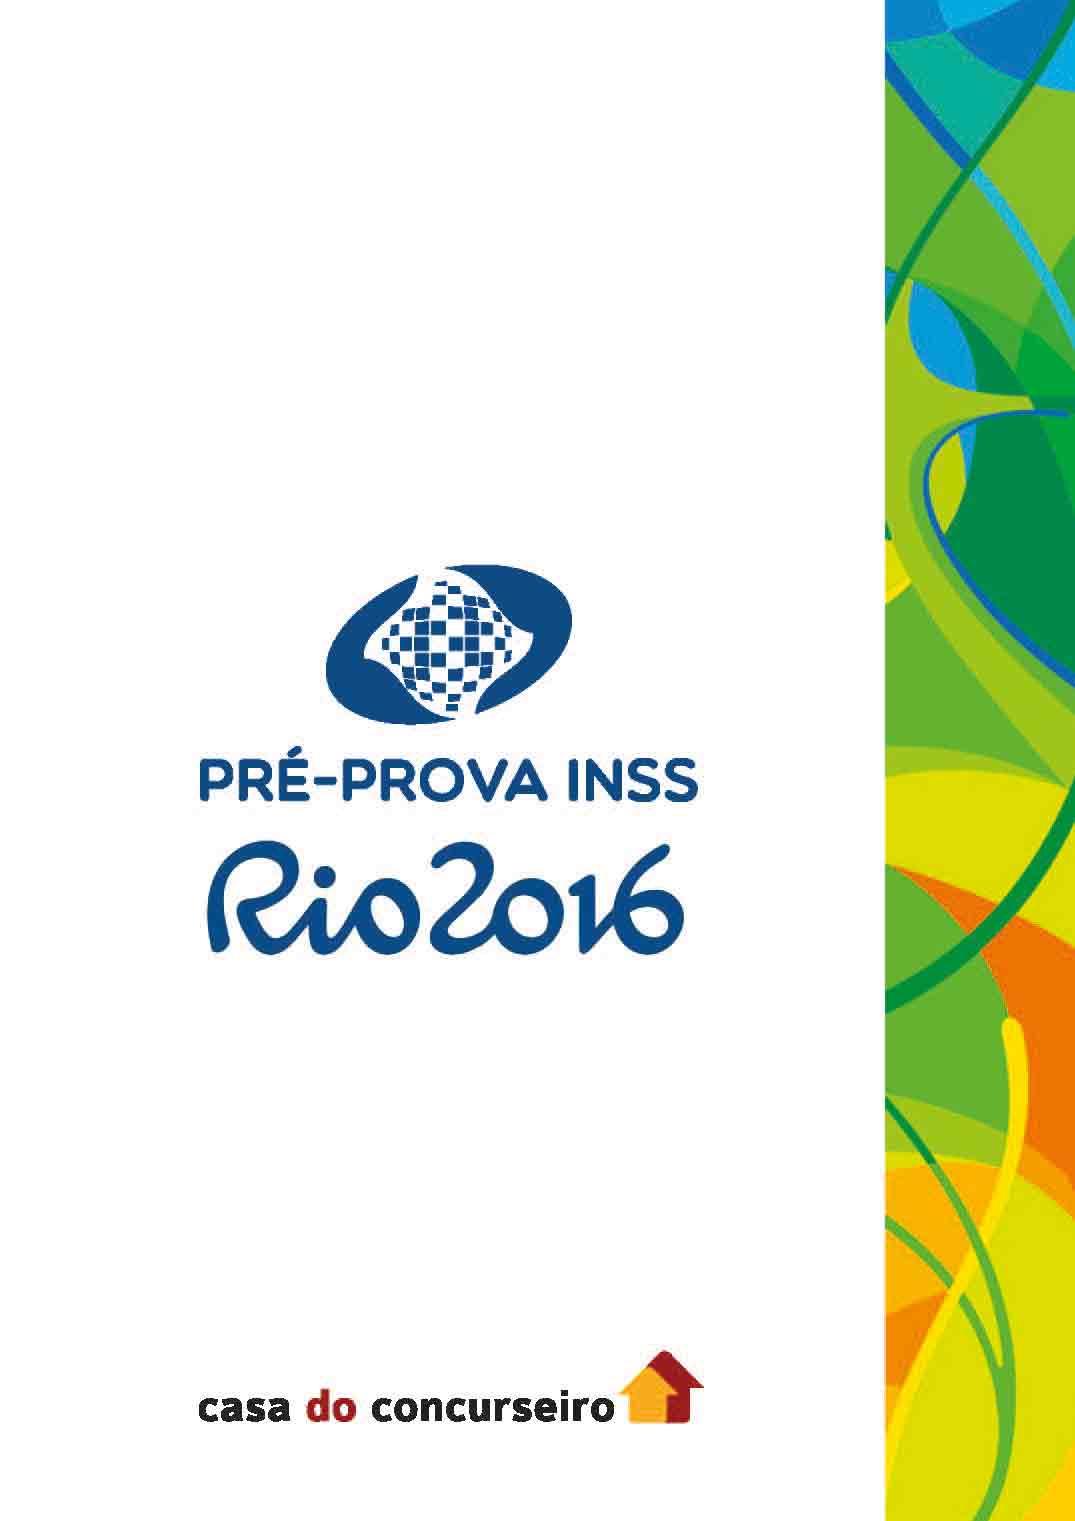 Apostila preparatória para concurso Pré-prova INSS 2016